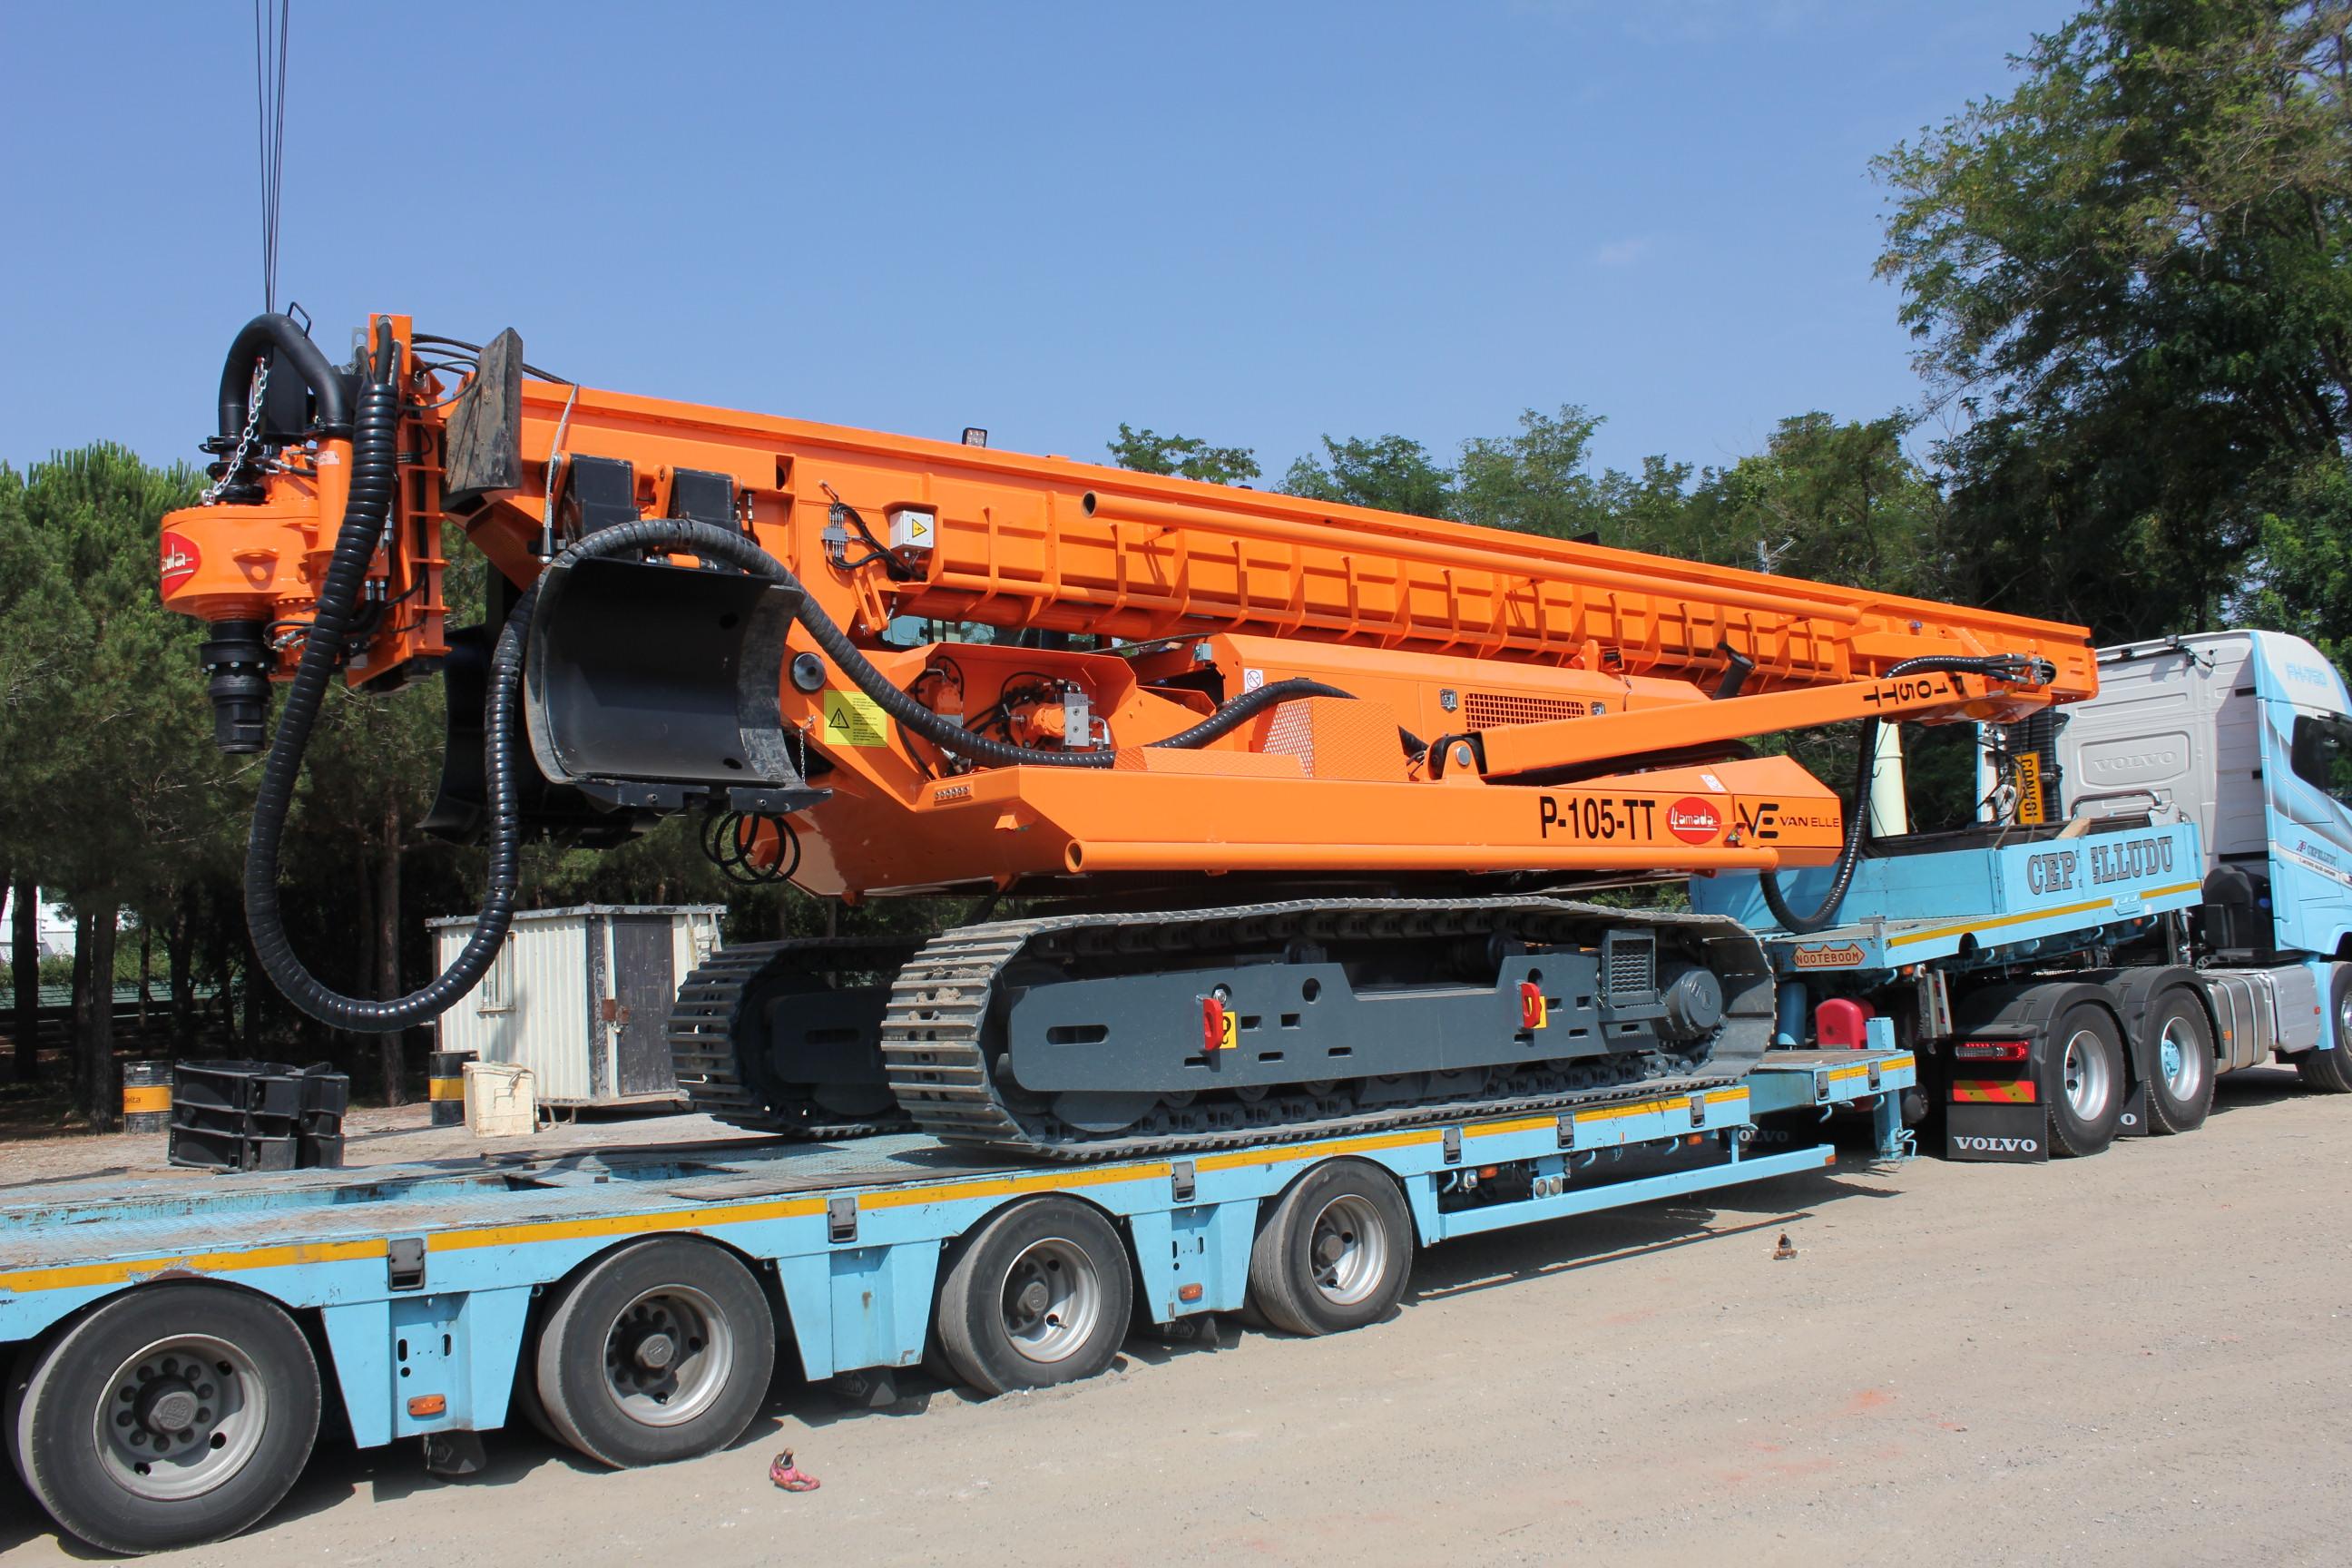 Llamada CFA piling rigs